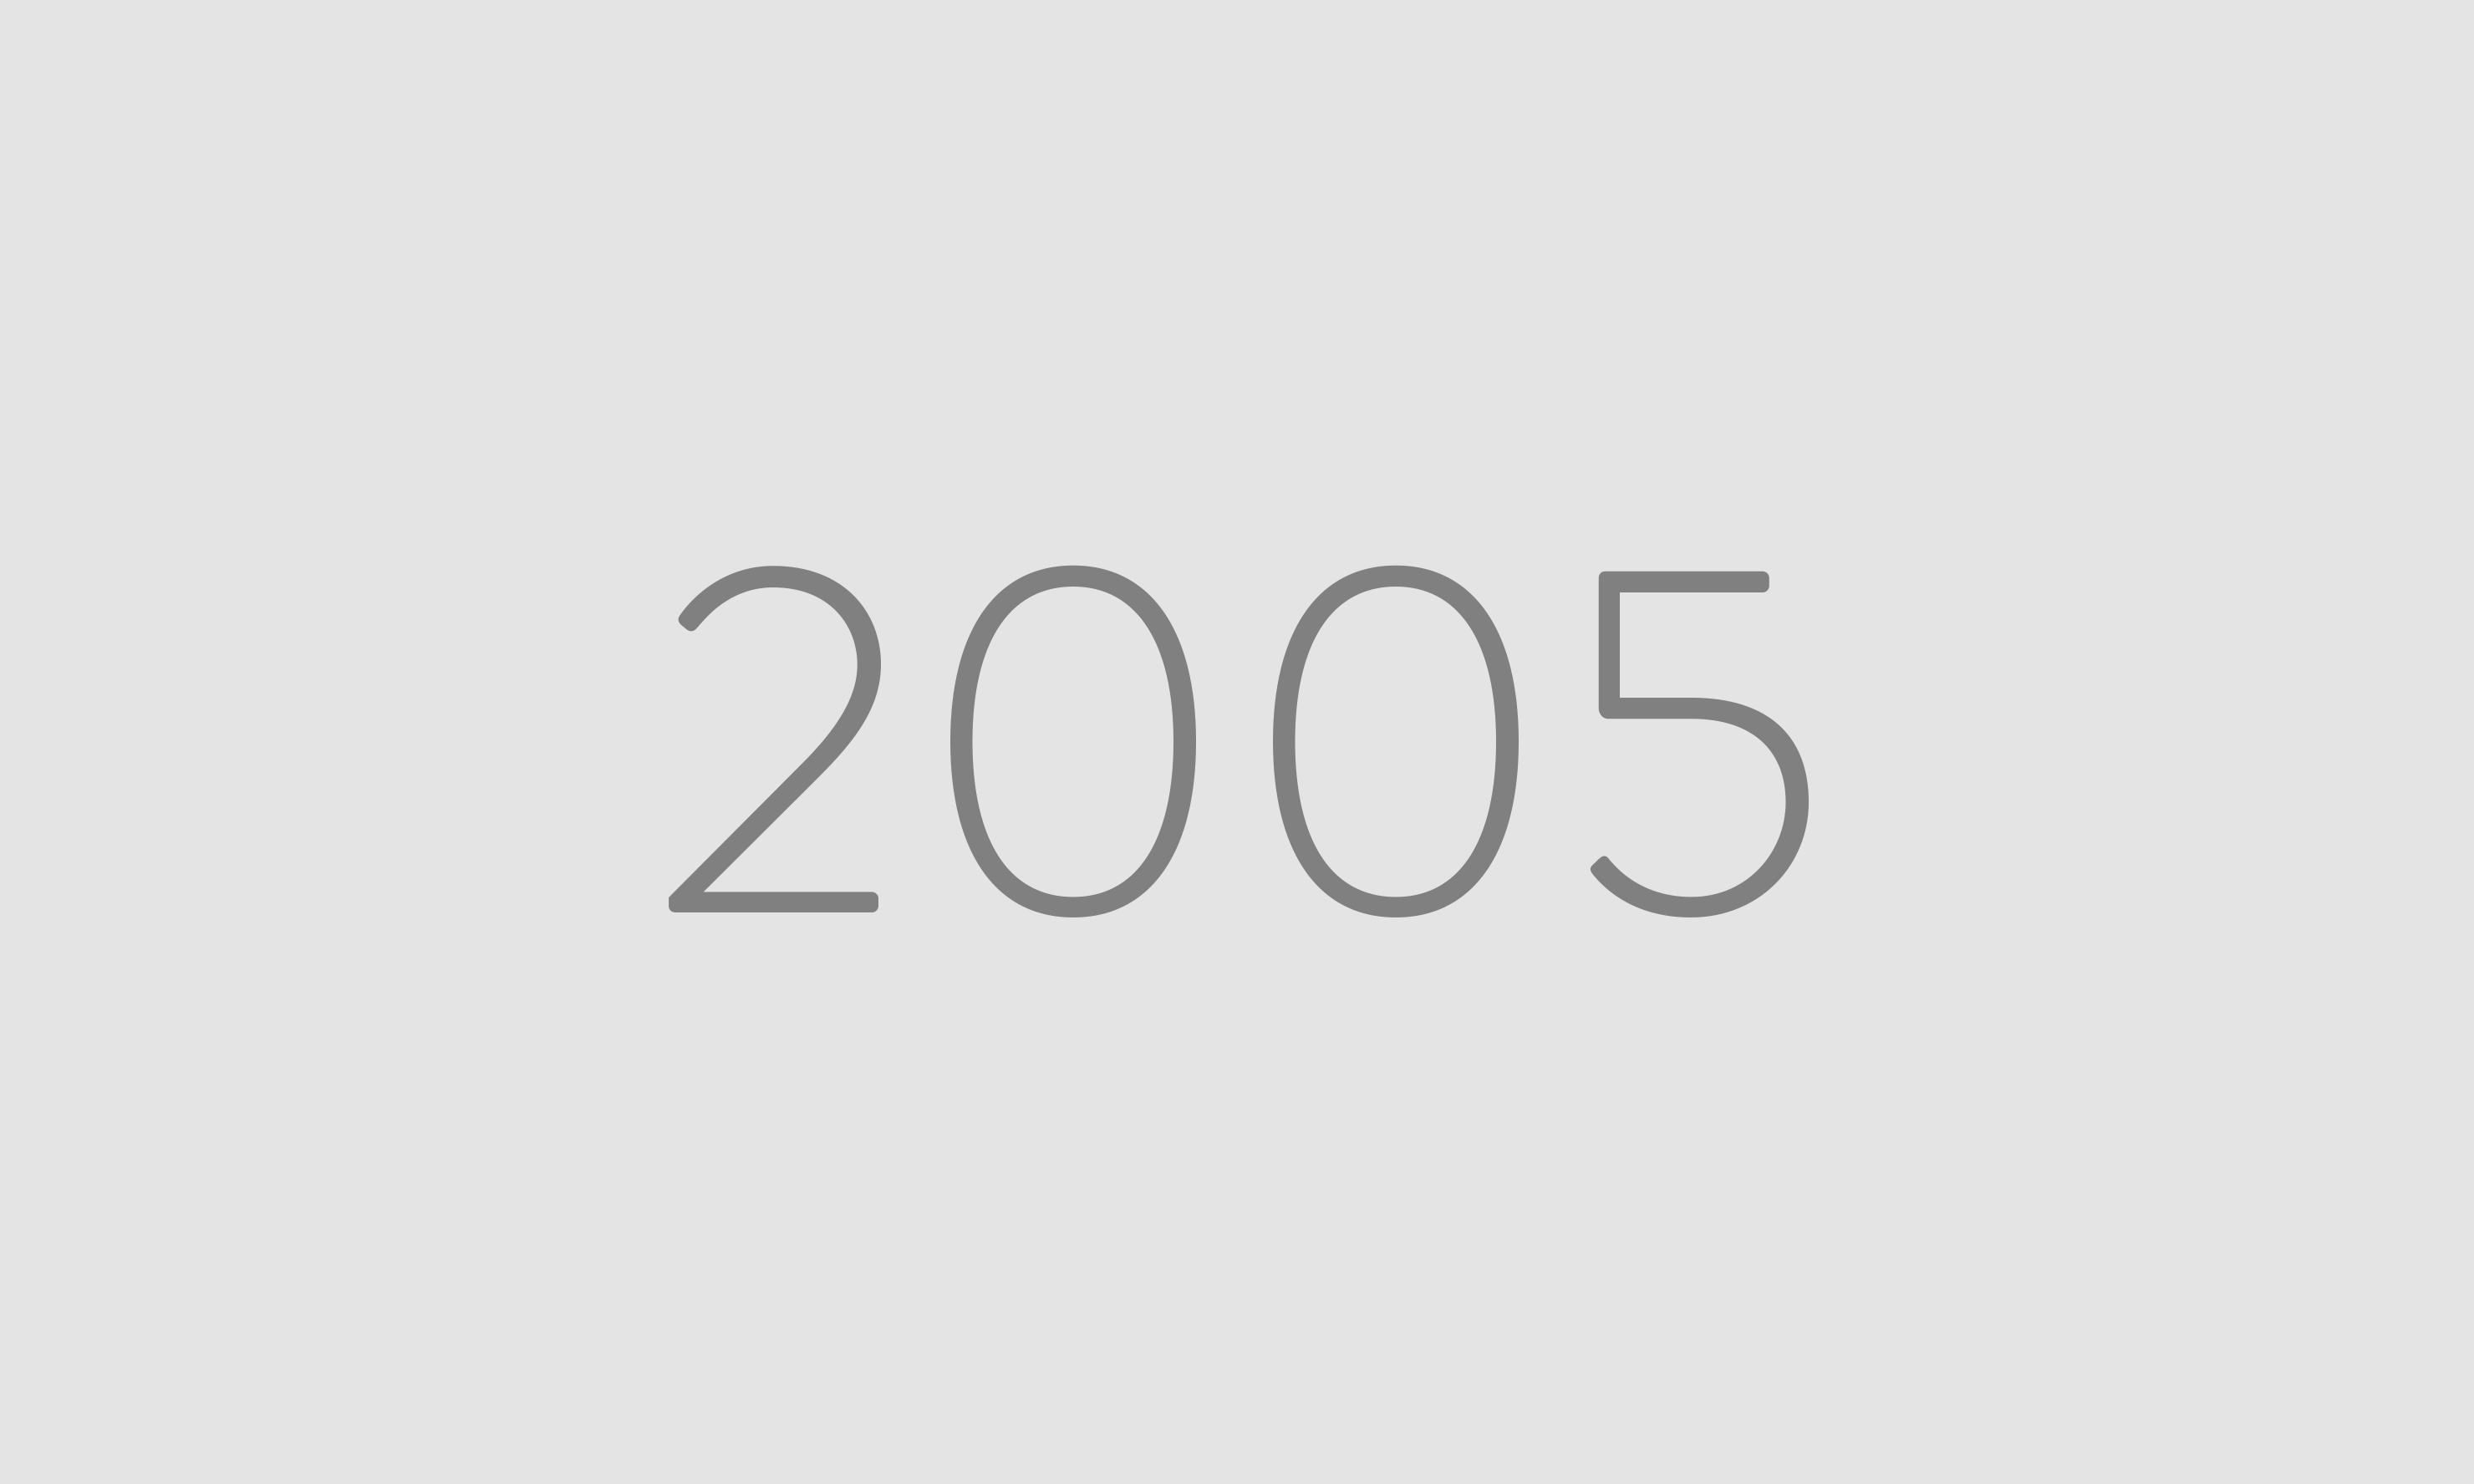 2005 - Midlands acquisition